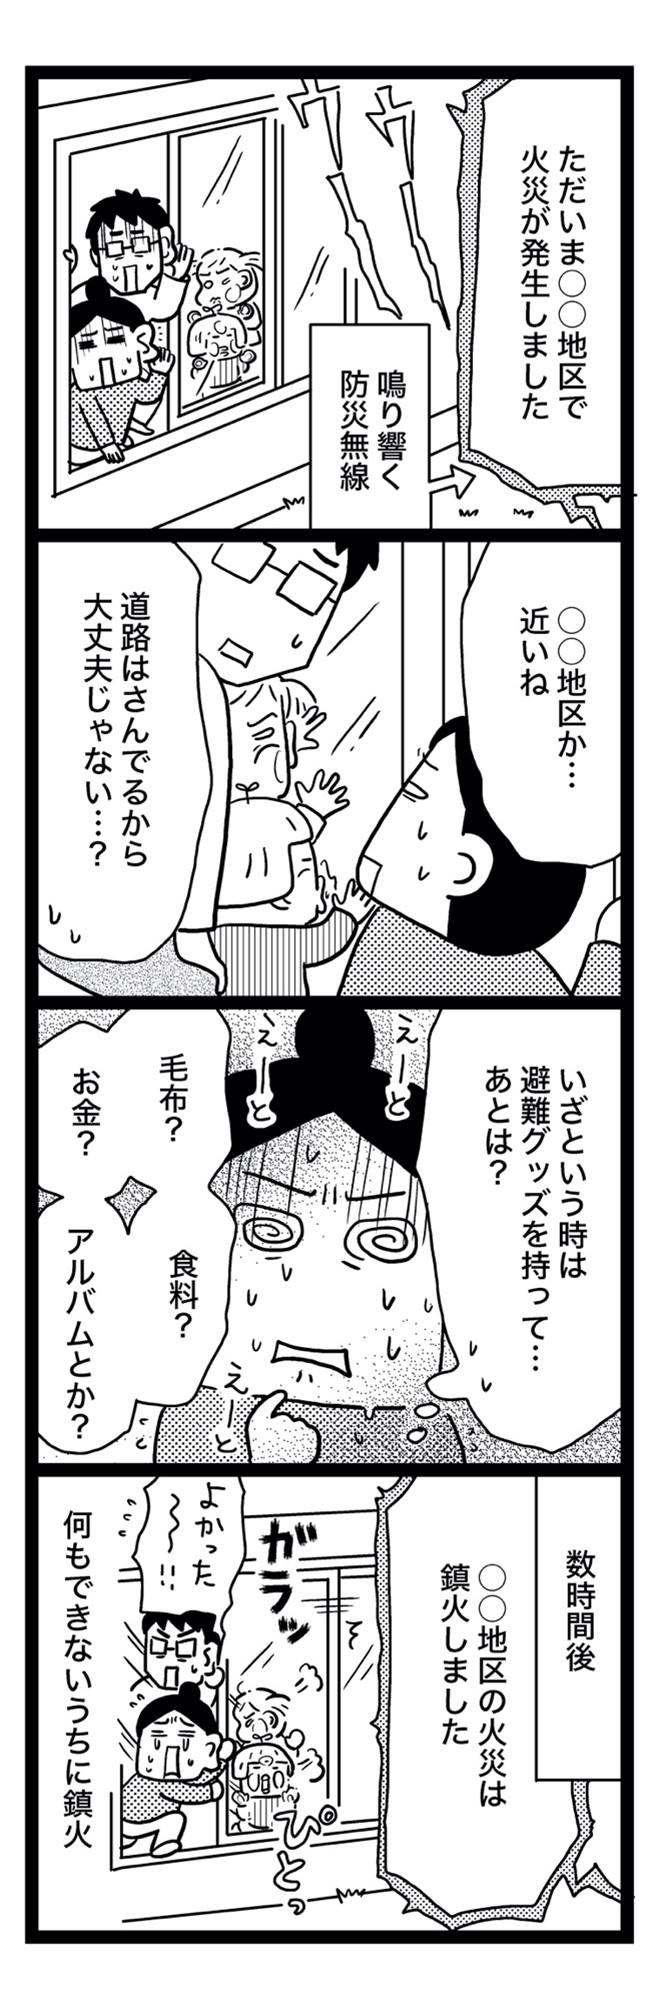 sinsai3-7